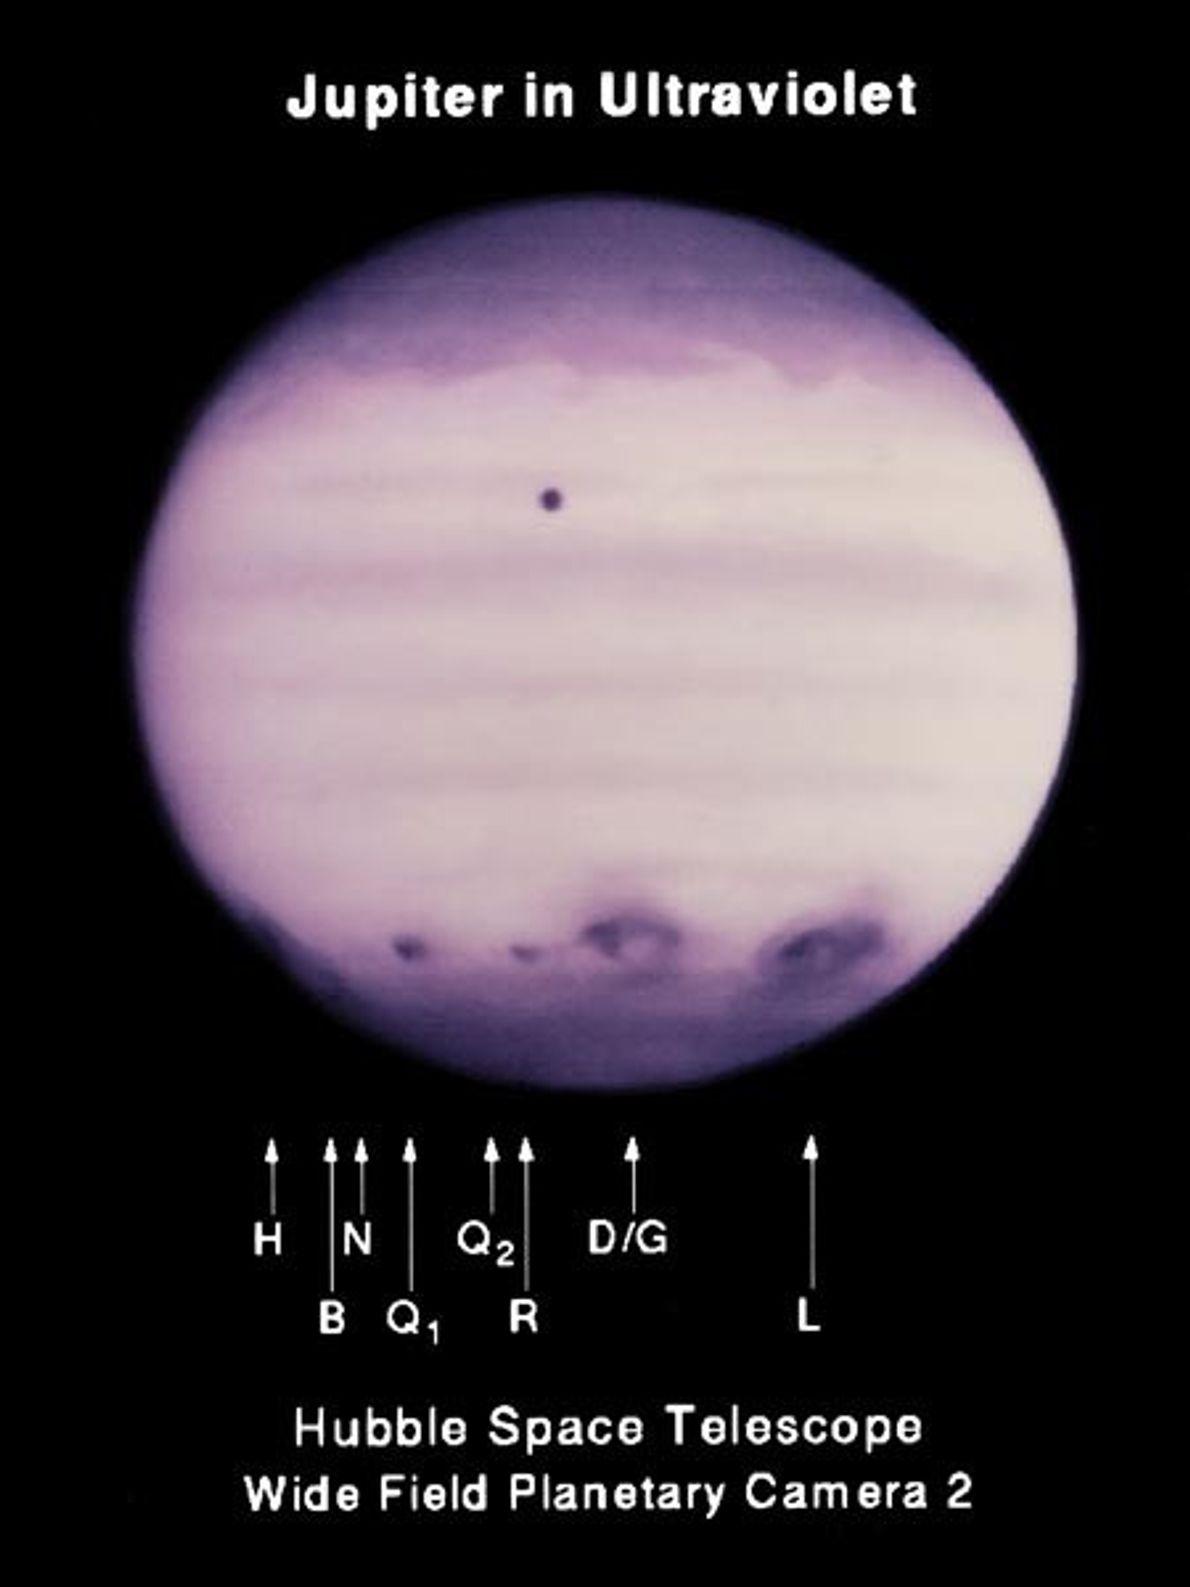 Los fragmentos del cometa P/Shoemaker-Levy 9 colisionaron con Júpiter en julio de 1994, y su impacto ...